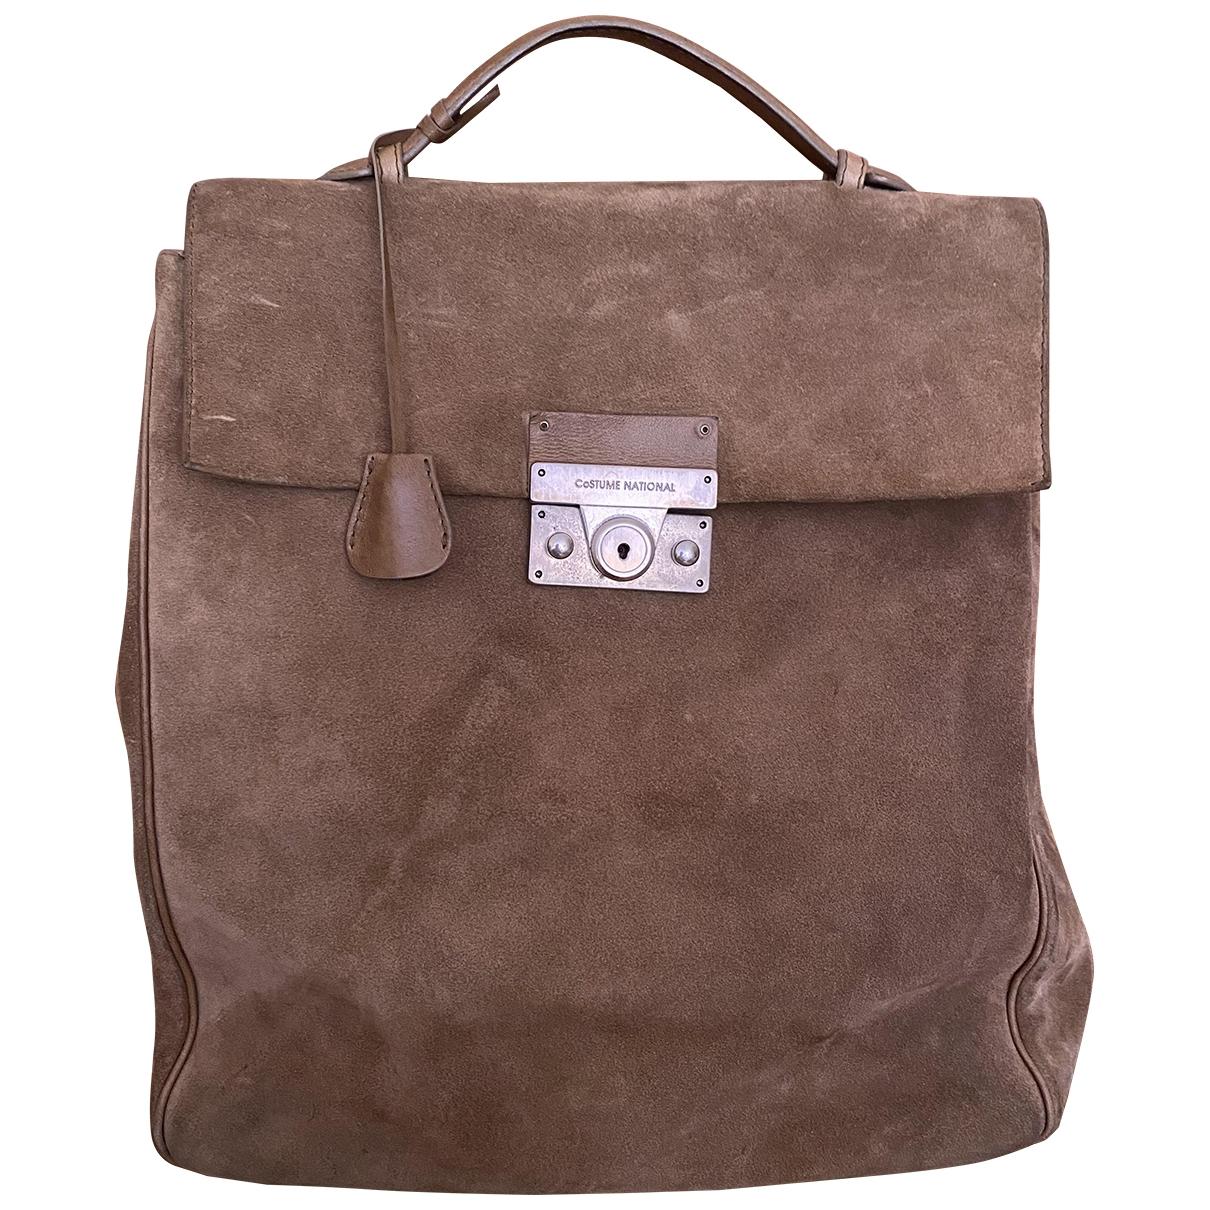 Costume National \N Beige Suede handbag for Women \N